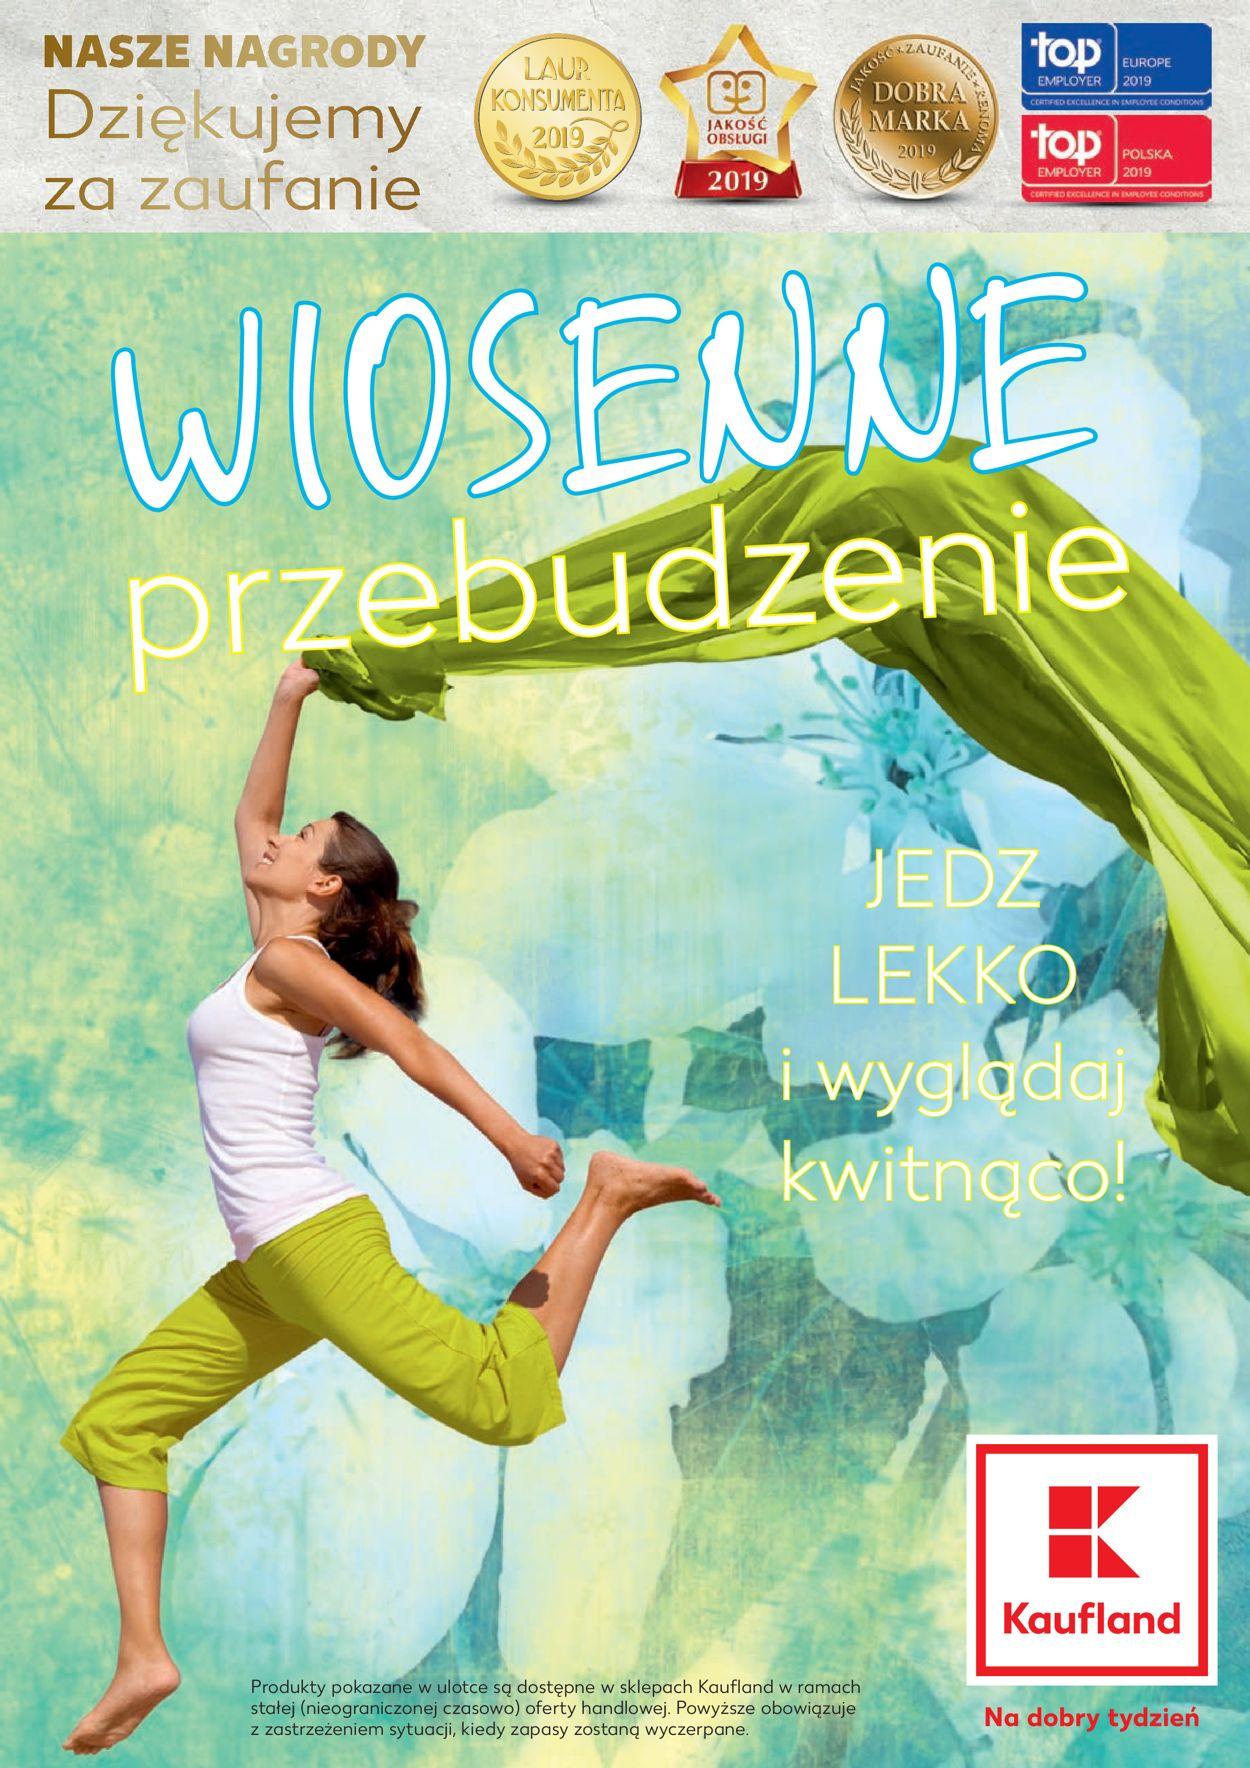 Gazetka promocyjna Kaufland - 06.05-31.07.2019